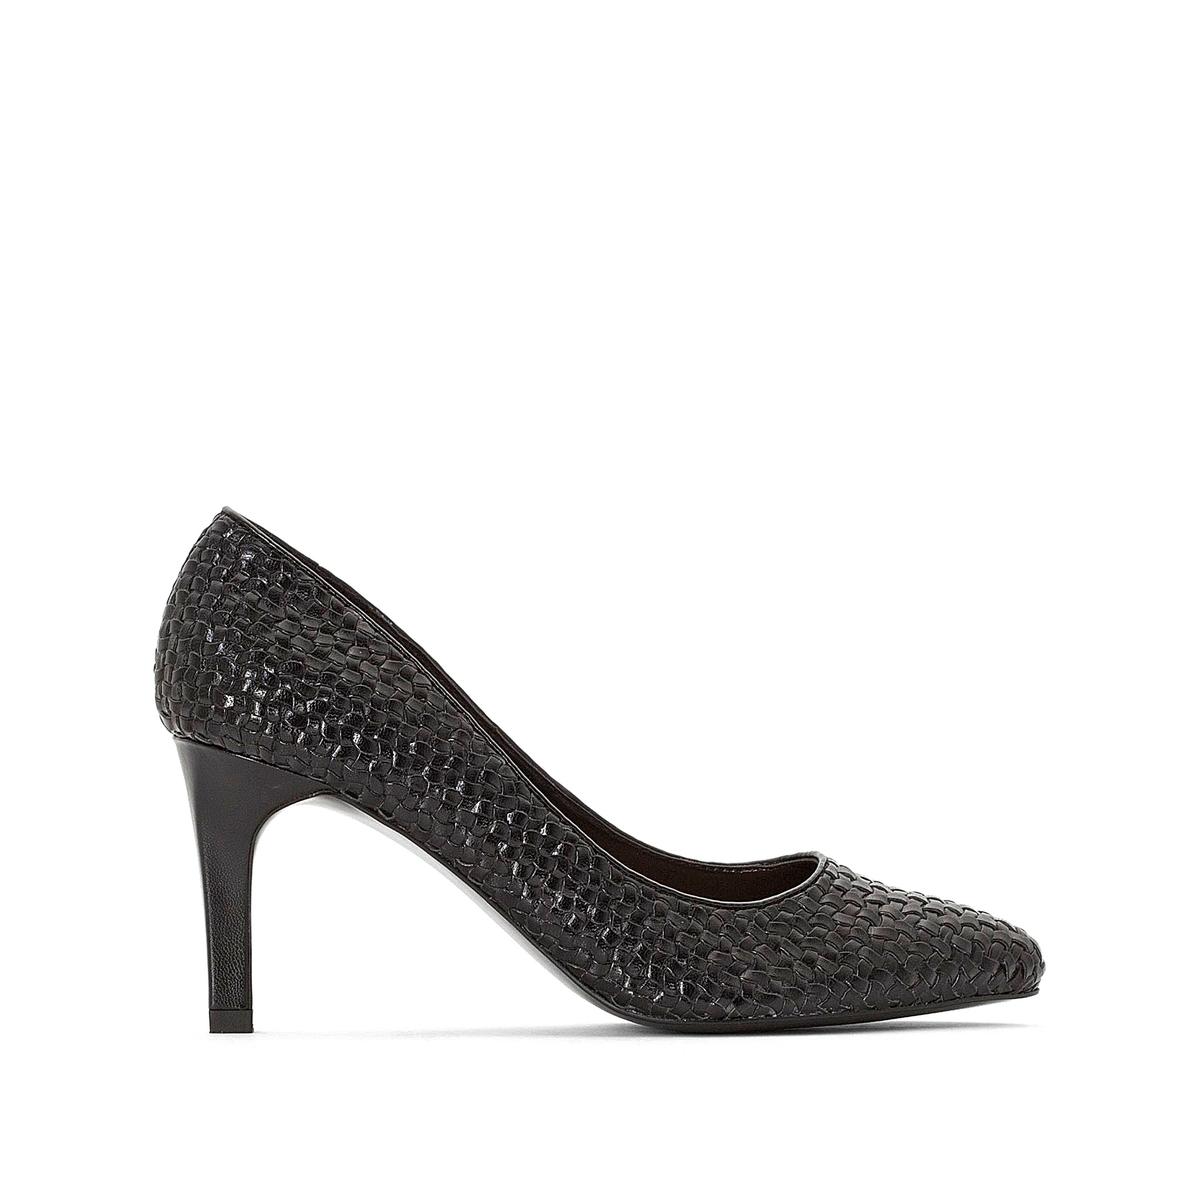 Туфли La Redoute Плетеные на высоком каблуке с заостренным мыском 36 черный туфли la redoute кожаные с открытым мыском и деталями золотистого цвета 41 черный